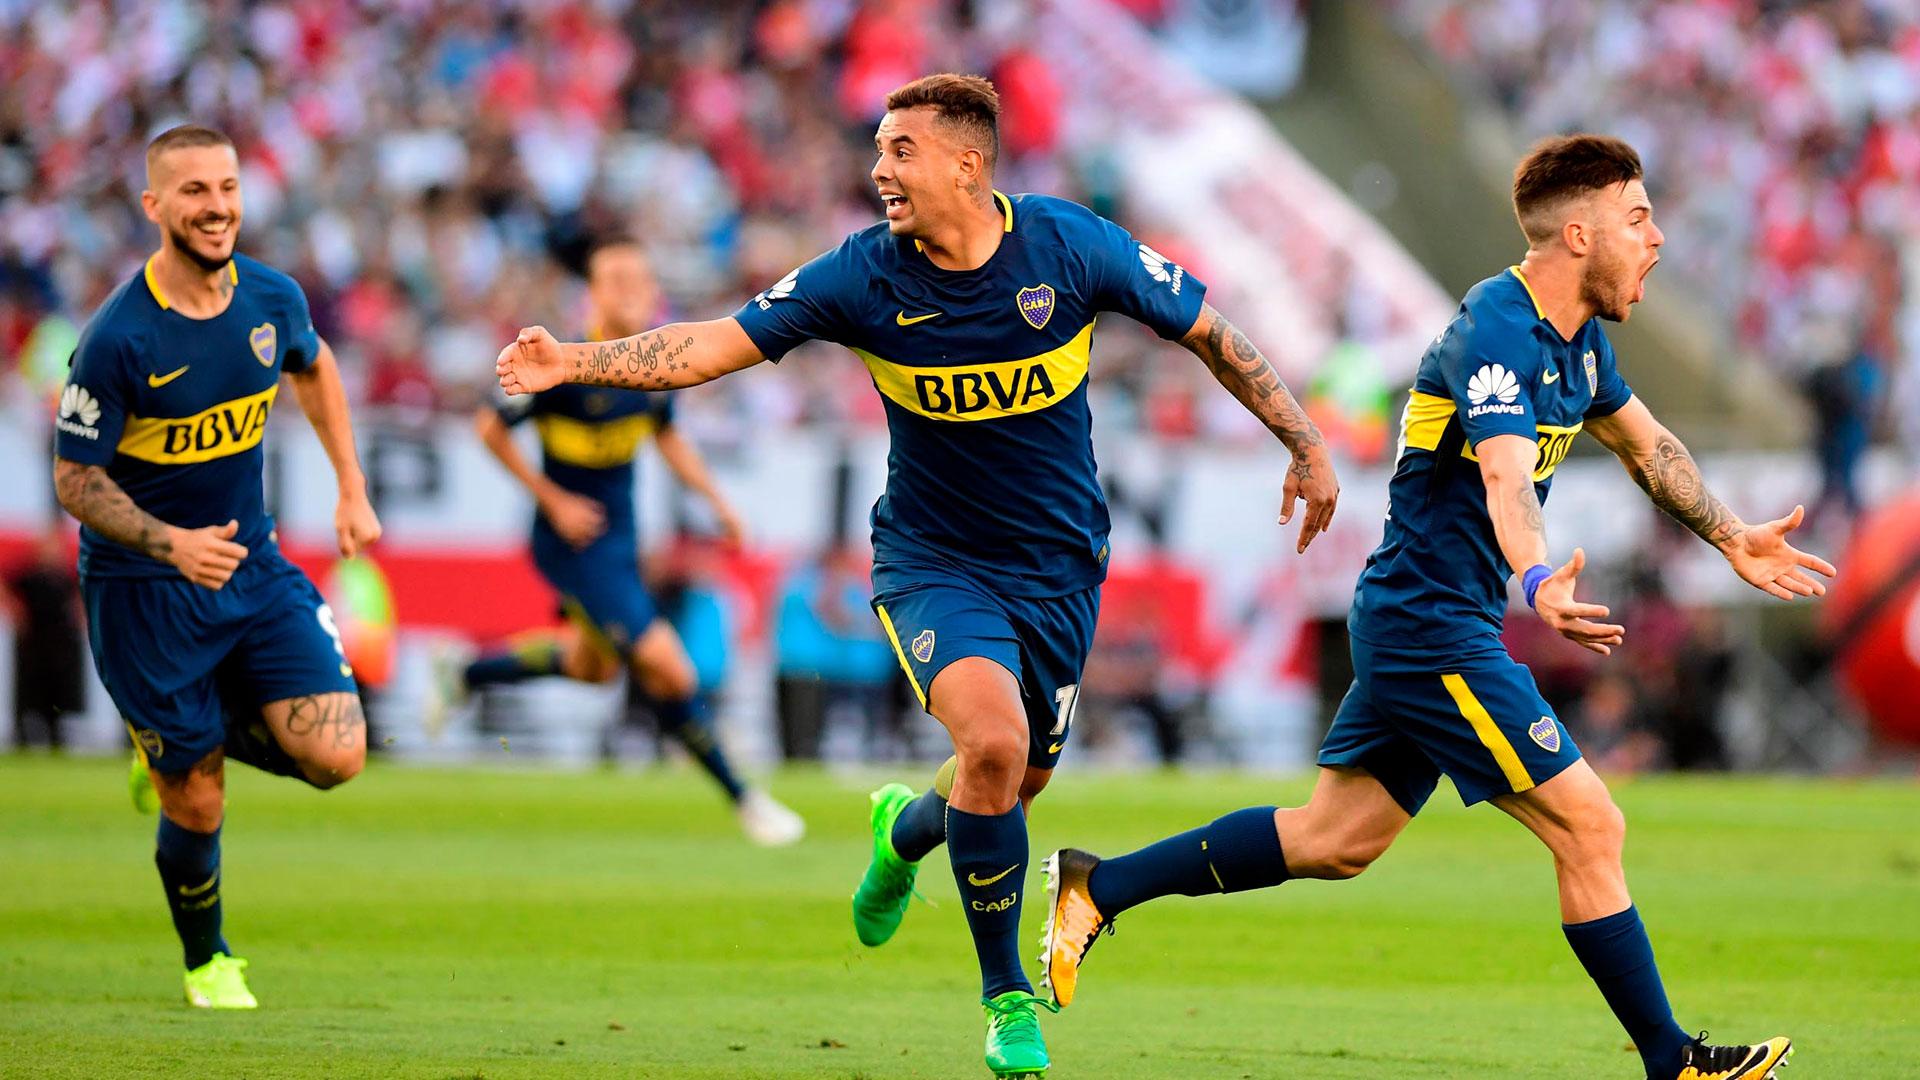 Todo es alegría para los jugadores de Boca tras el gol de Cardona. Benedetto corre con una sonrisa en su búsqueda y Nández, más tarde el otro héroe, se llena la boca con el grito sagrado